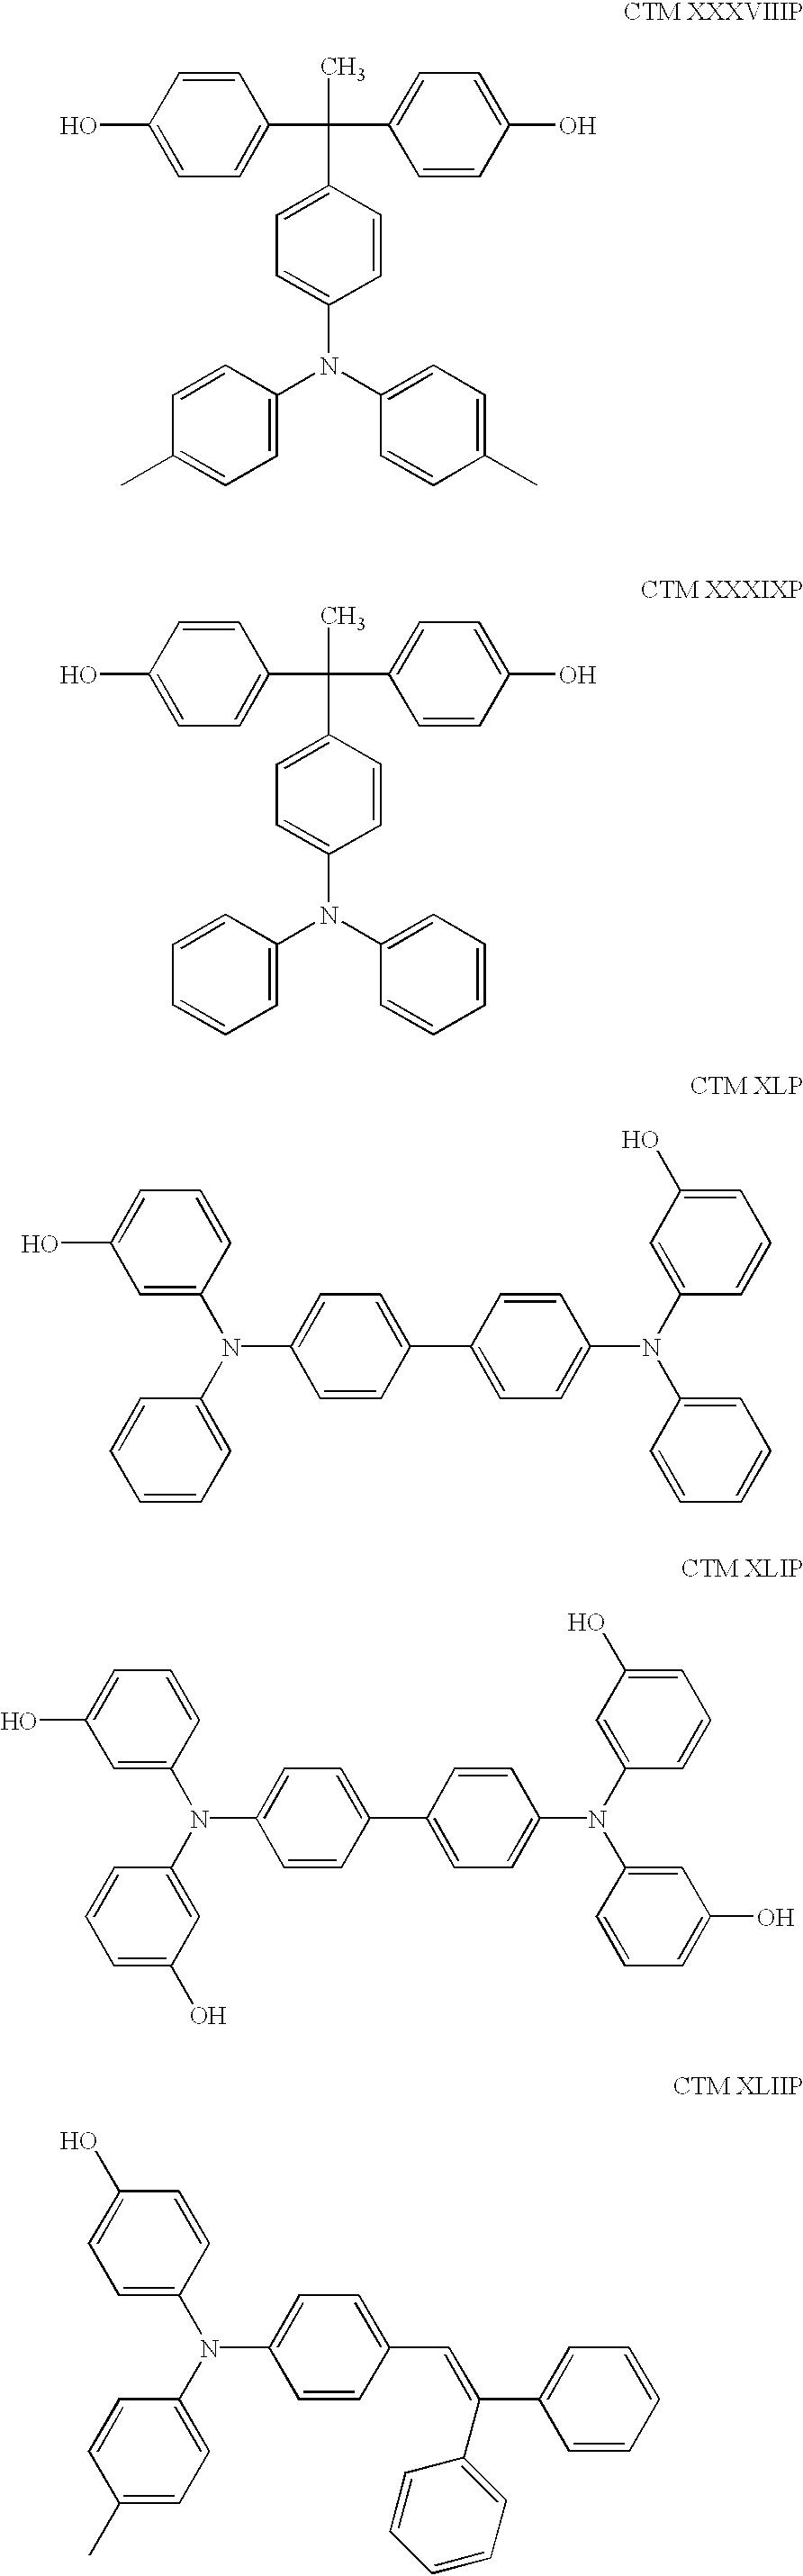 Figure US06517984-20030211-C00012